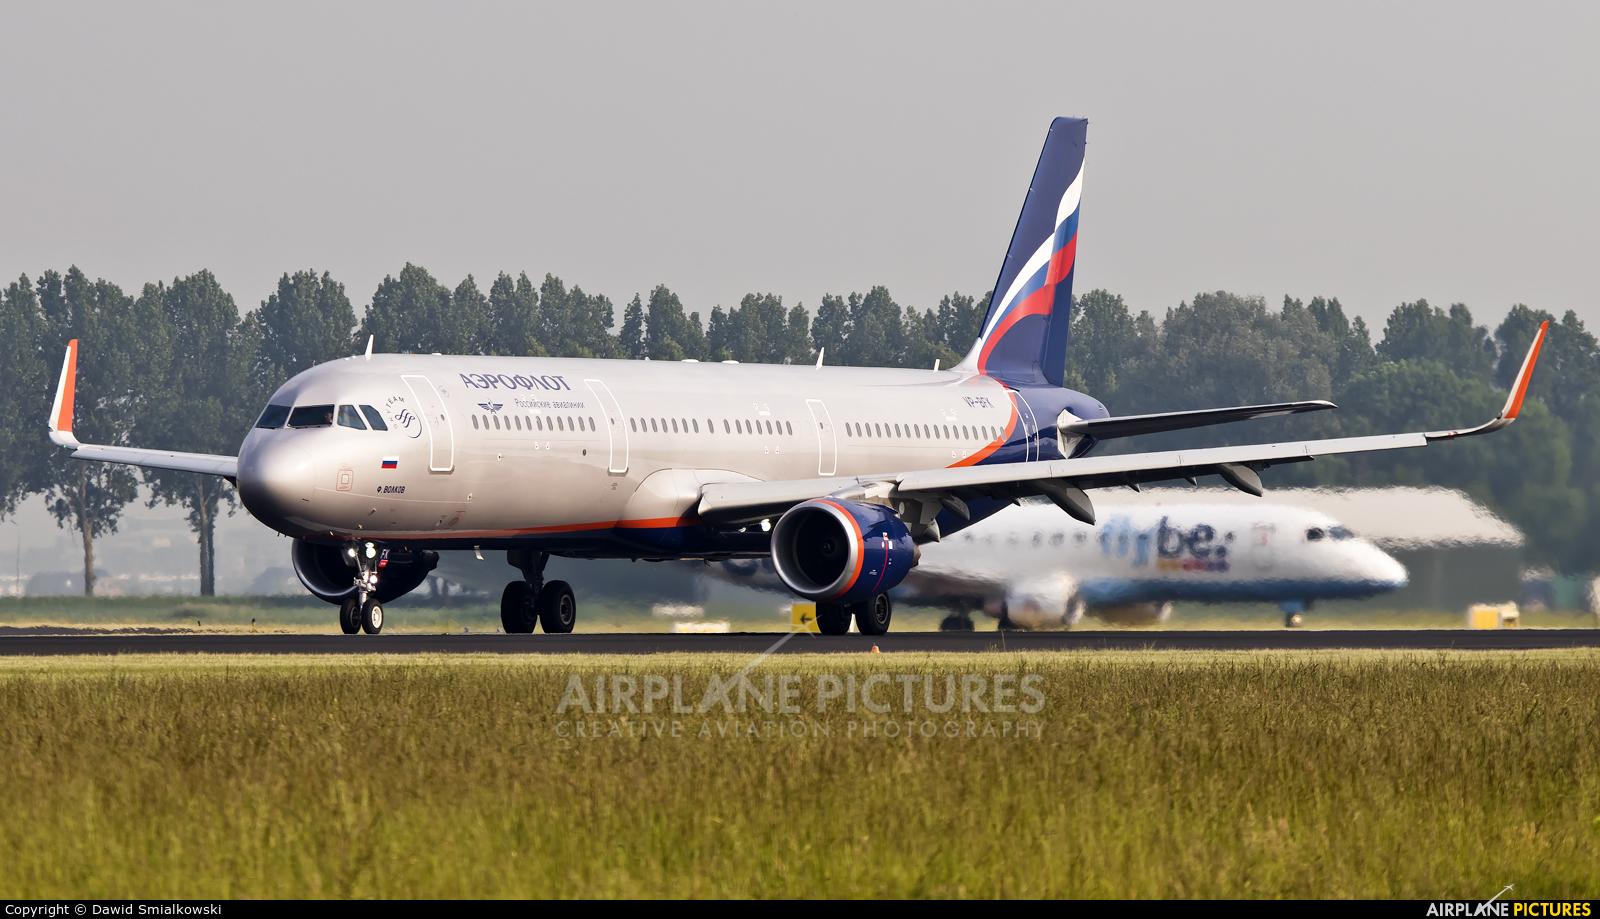 Aeroflot VP-BFK aircraft at Amsterdam - Schiphol